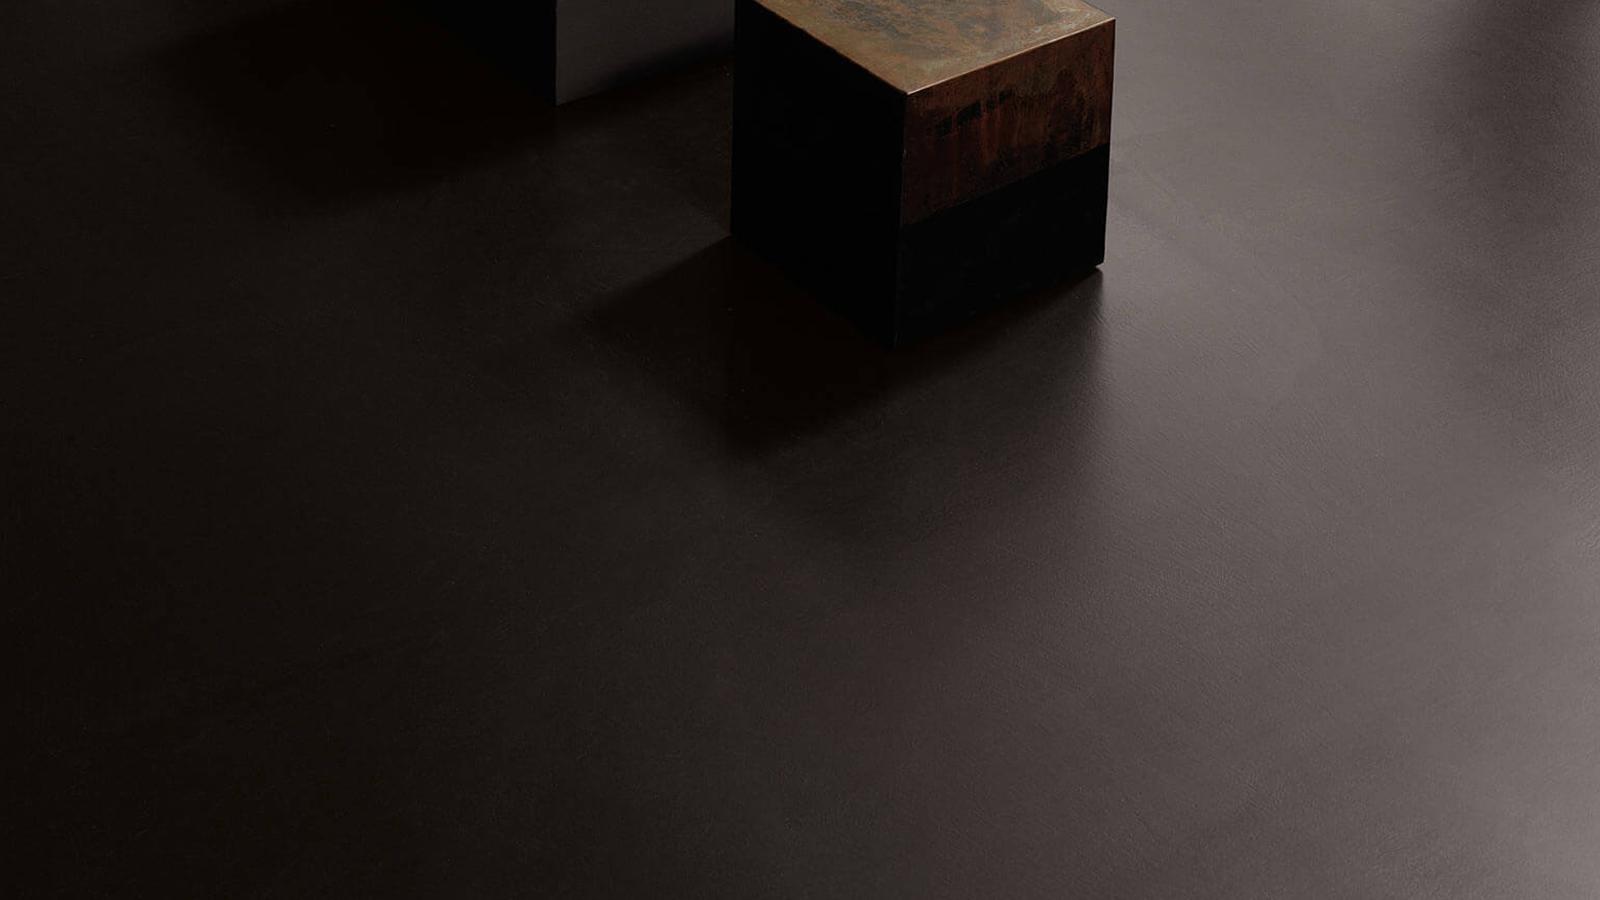 Ha egyedi, tökéletesen egyenletes felületre vágyunk, melyet sehol nem bontanak meg illesztések vagy fugák, akkor a Kerakoll Design House Cementoresina terméke kiváló választás lehet. A mindössze 3 mm vastagságú, de három rétegű burkolat rendkívül stabil, ellenálló, nem szívja be a nedvességet, ugyanakkor környezetbarát és már meglévő felületeken is alkalmazható.